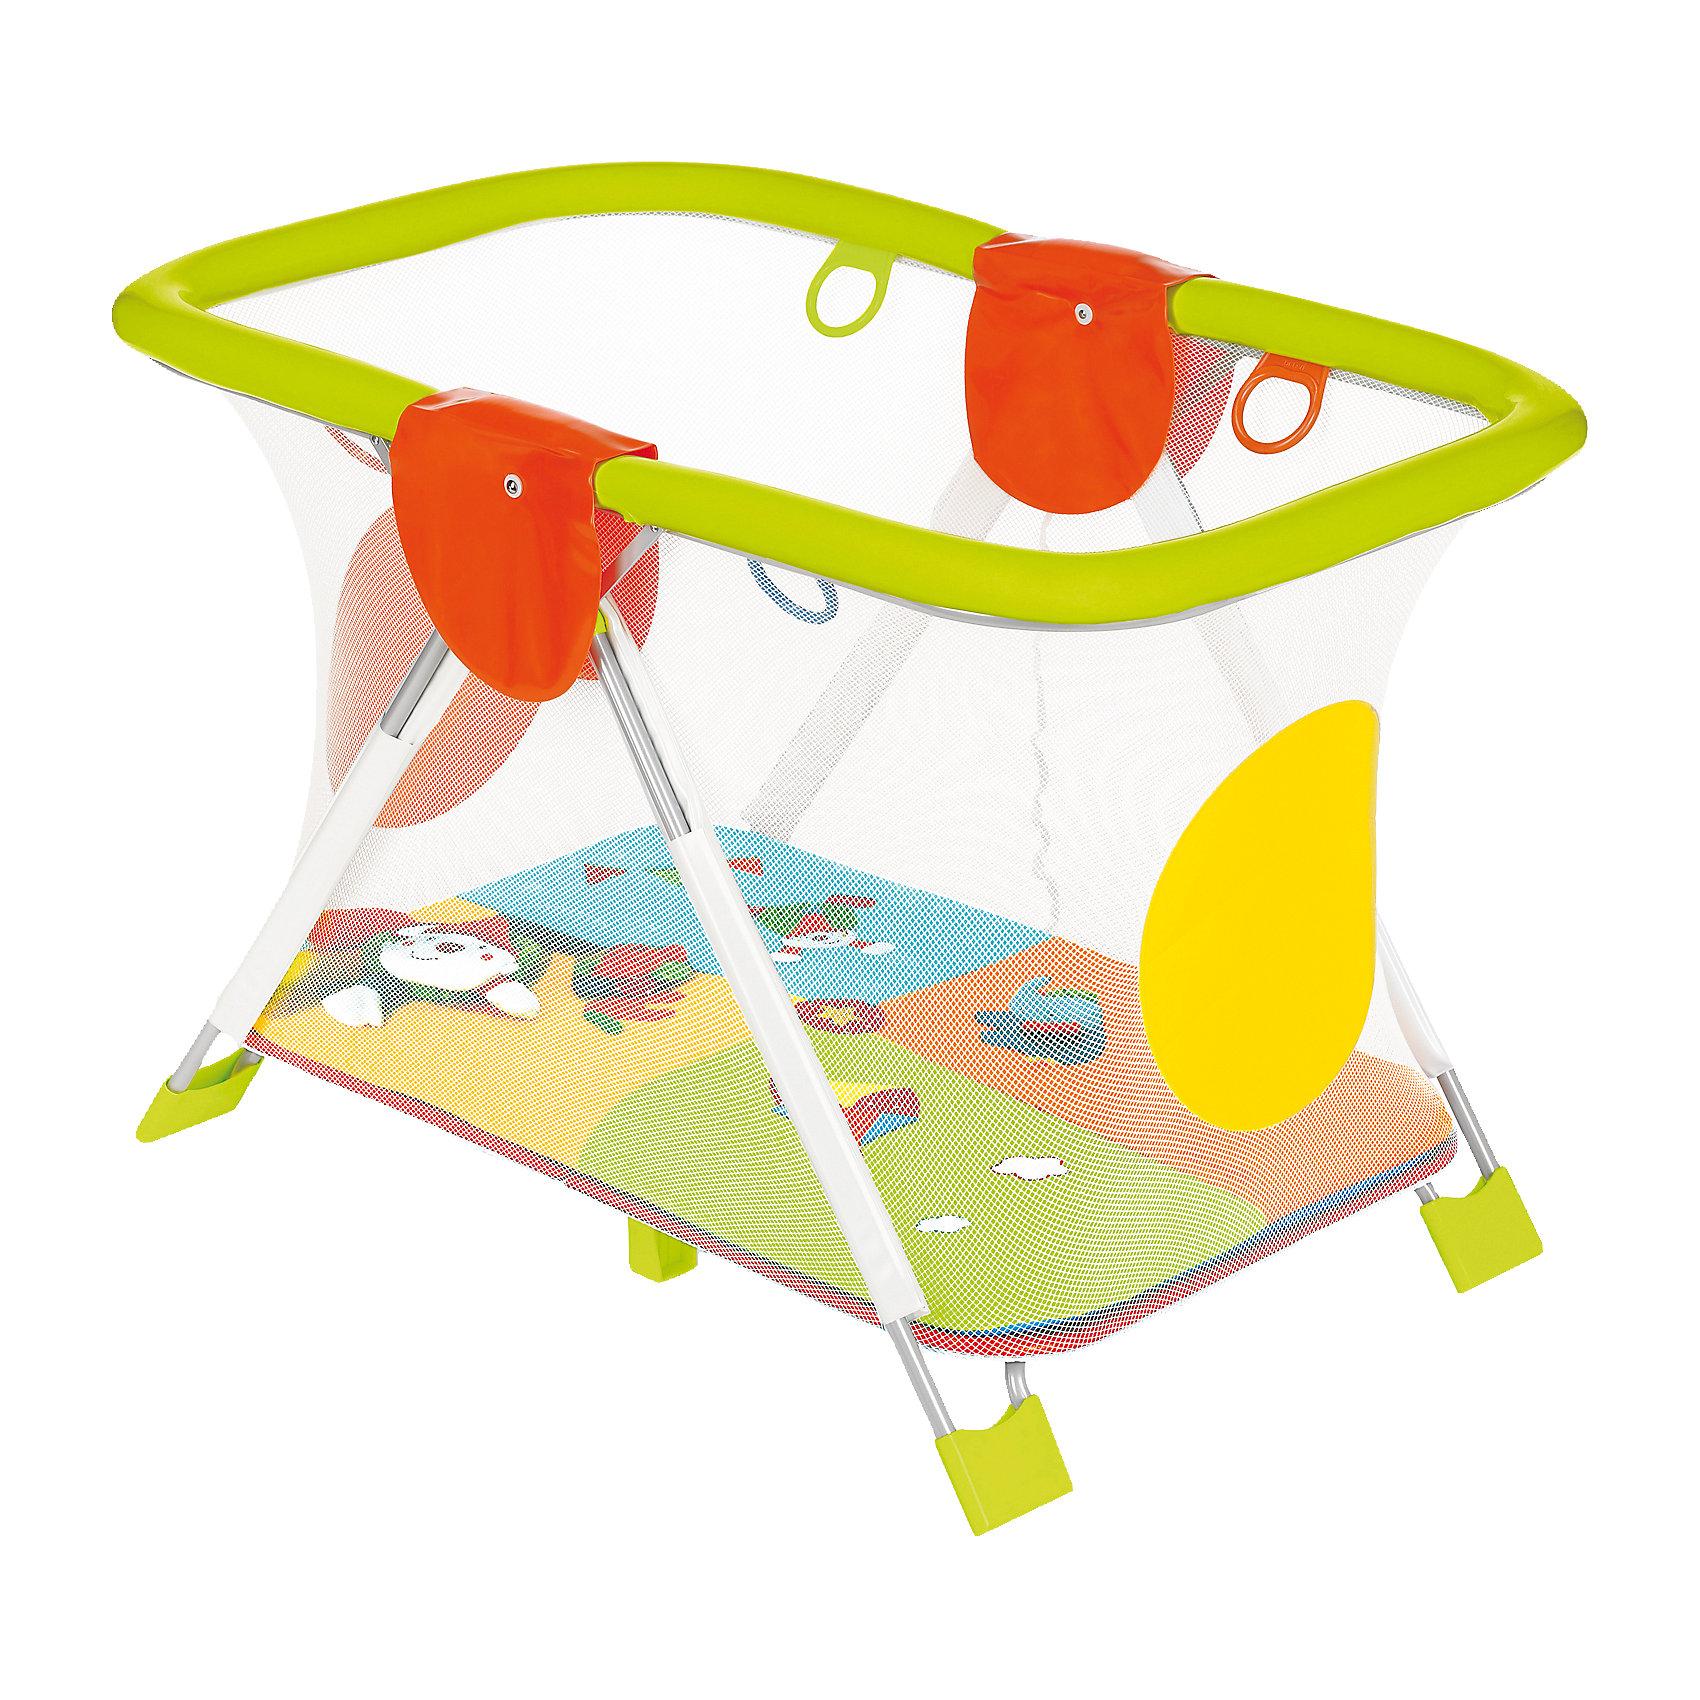 Манеж Soft Play MondoCirco, BreviЗамечательный манеж Soft & Play от Brevi (Бреви) - просто создан для активным малышей! Очень важно, чтобы вещи с которыми соприкасается малыш были безопасными, поэтому манеж Soft & Play выполнен из экологичных материалов и имеет соответствующий сертификат. Манеж красивый и функциональный, он дополнит интерьер детской и привлечет внимание малыша. Главной особенностью манежа Soft & Play, является то, что малышу никогда не будет скучно в нем! Коврик с разнообразными игрушками на дне манежа не только развлечет кроху, но и поможет ему развивать моторику и координацию движений. Манеж Soft & Play продуман до мелочей: он очень компактно складывается одним движением, и Вы можете даже не убирать из него игрушки. Тканевые элементы манежа очень легко постирать, благодаря чему манеж всегда будет выглядеть как новый! <br><br>Дополнительная информация:<br><br>- Материал Pполивинил хлорид без фталатов соответствует нормам 2005/84/EC;<br>- Множество развивающих игрушек;<br>- Красивый развивающий манеж;<br>- Бортики из сетки для прекрасного обзора и эффективной вентиляции;<br>- Мягкие края защитят от ударов;<br>- Четыре надежных блокиратора не позволят перевернуть манеж даже активному малышу;<br>- Четыре специальные ручки помогут малышу научиться вставать;<br>- Компактно складывается, удобен для хранения;<br>- Тканевые элементы легко стирать в стиральной машине;<br>- На дне манежа забавный игровой коврик;<br>- Дизайн: MondoCirco;<br>- Размер: 111 х 80 х 85 см;<br>- Размер в сложенном виде: 111 х 25 см;<br>- Вес: 10,8 кг<br><br>Манеж Soft & Play MondoCirco, Brevi (Бреви) можно купить в нашем интернет-магазине.<br><br>Ширина мм: 230<br>Глубина мм: 920<br>Высота мм: 1110<br>Вес г: 10900<br>Возраст от месяцев: 3<br>Возраст до месяцев: 36<br>Пол: Унисекс<br>Возраст: Детский<br>SKU: 4041155